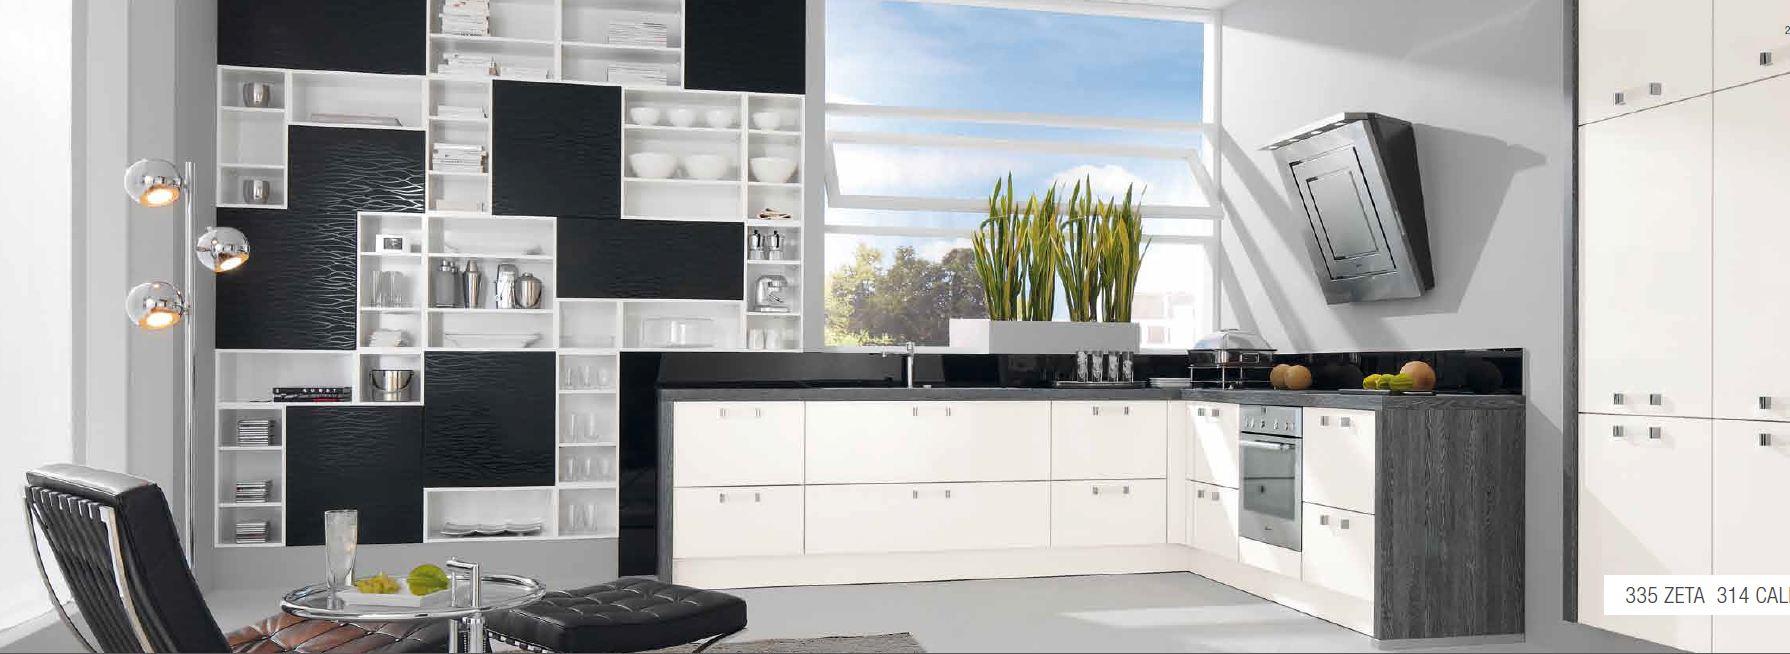 cuisine de a z inspiration de conception de maison. Black Bedroom Furniture Sets. Home Design Ideas